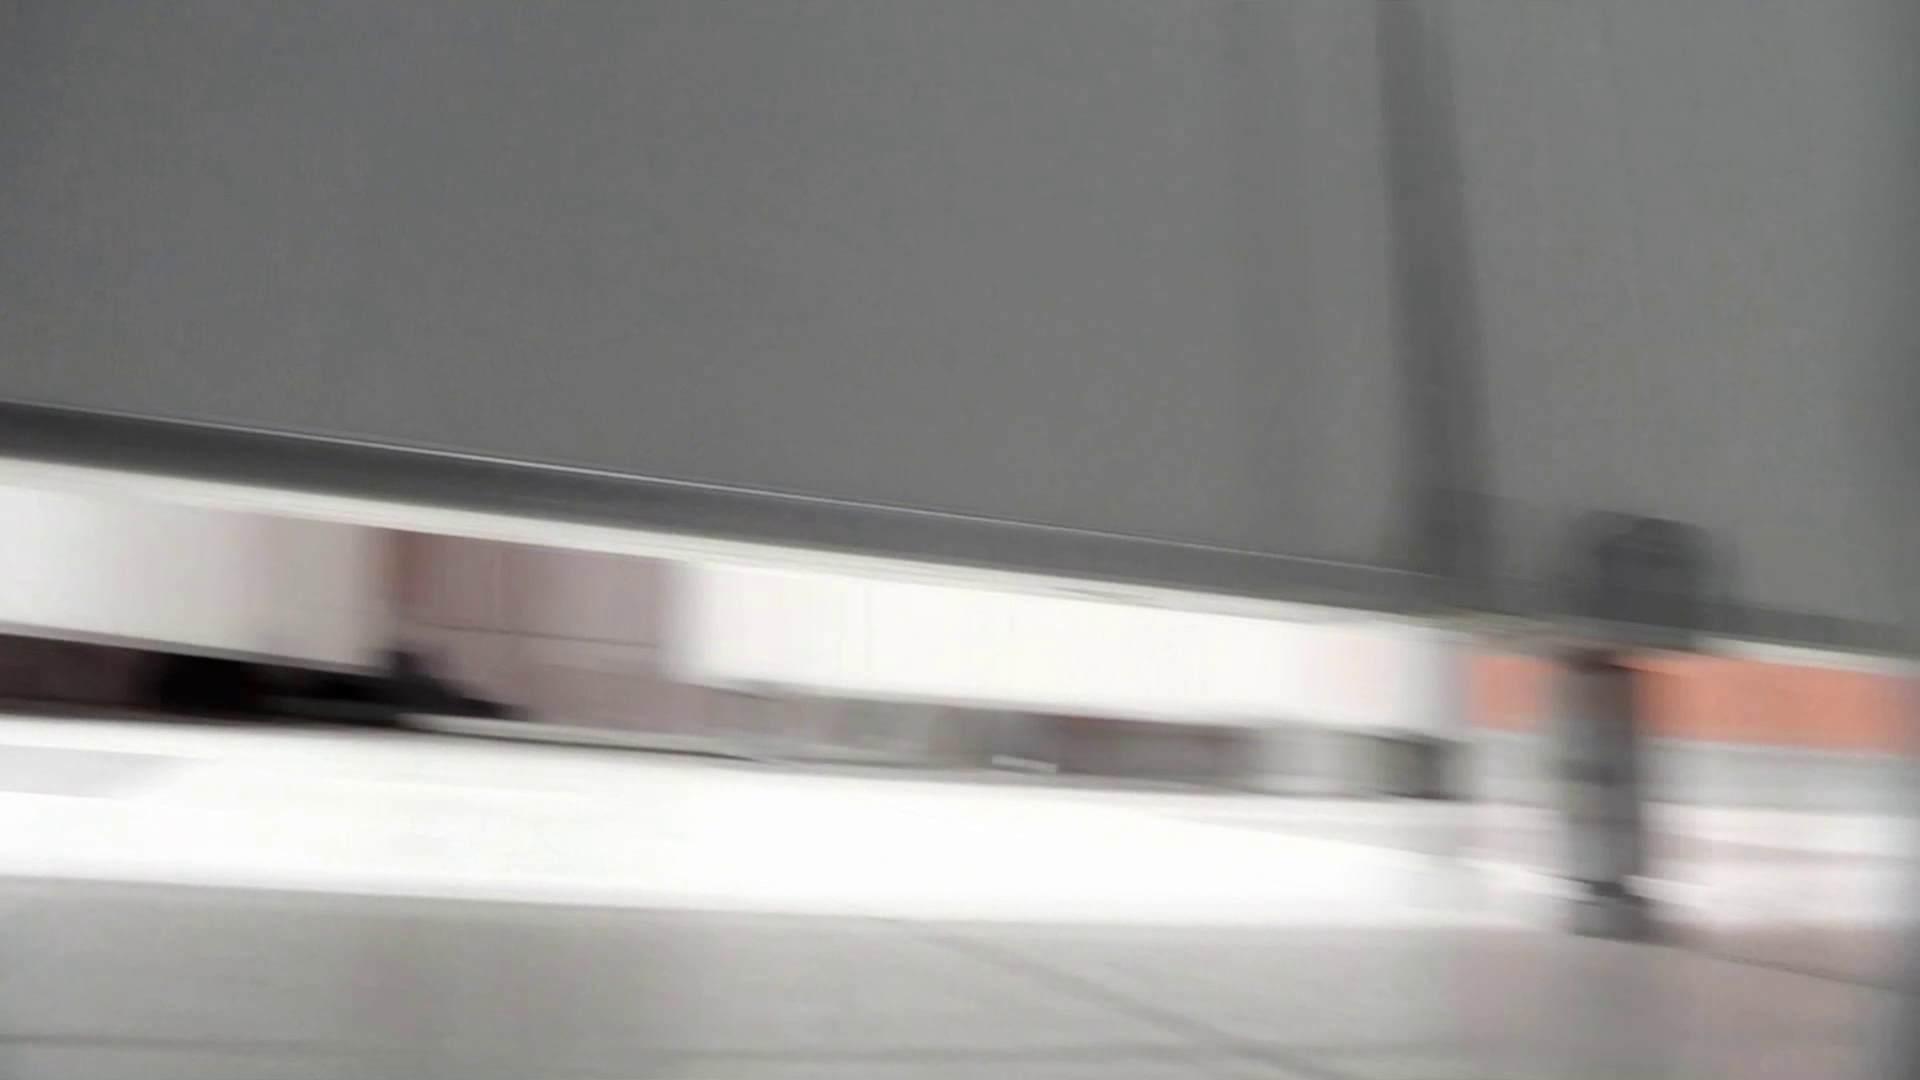 美しい日本の未来 No.06 更に侵入【2015・30位】 おまんこ無修正 すけべAV動画紹介 101PIX 51